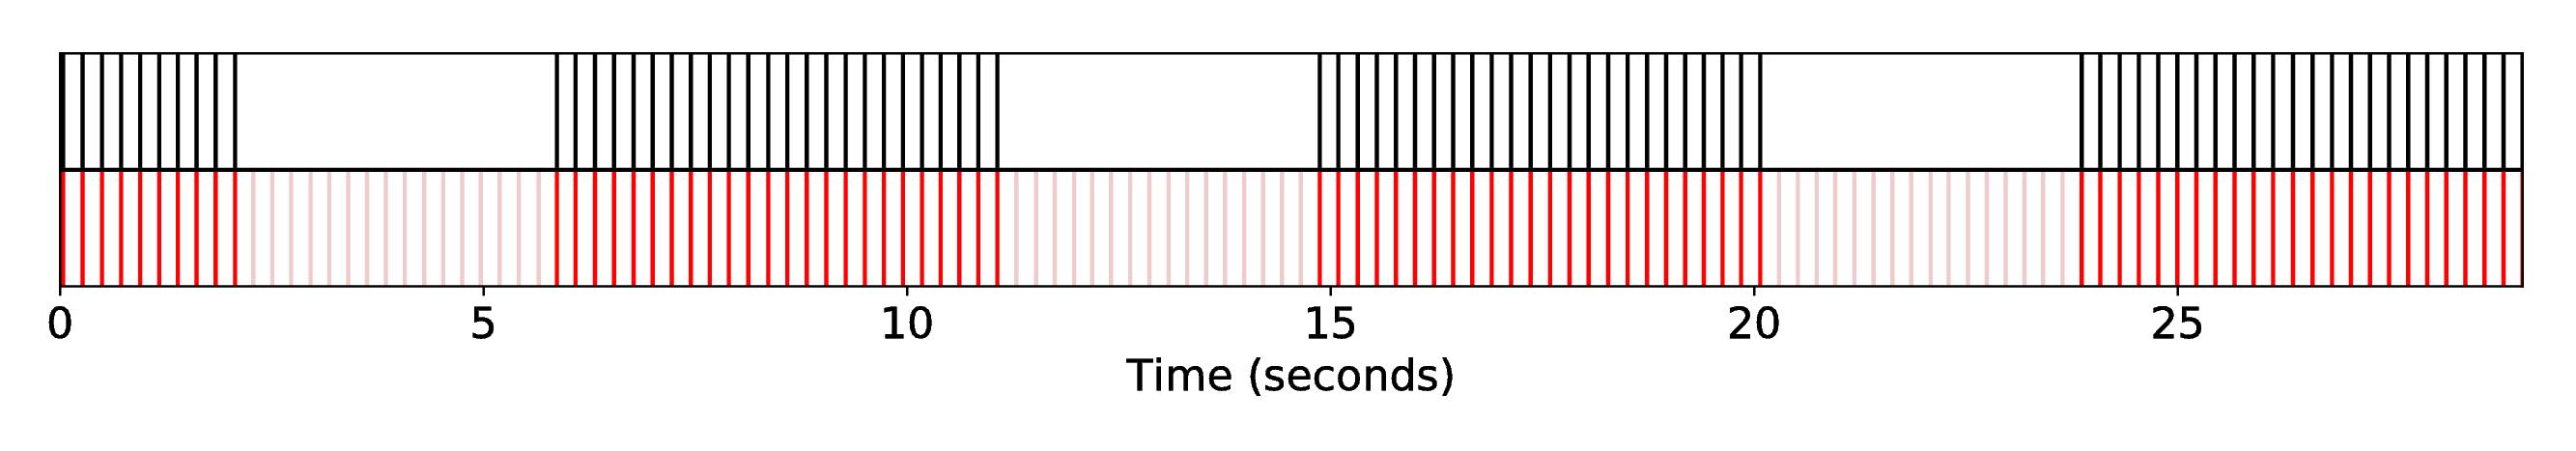 DP1_INT1_R-MRI-06__S-Bach__SequenceAlignment